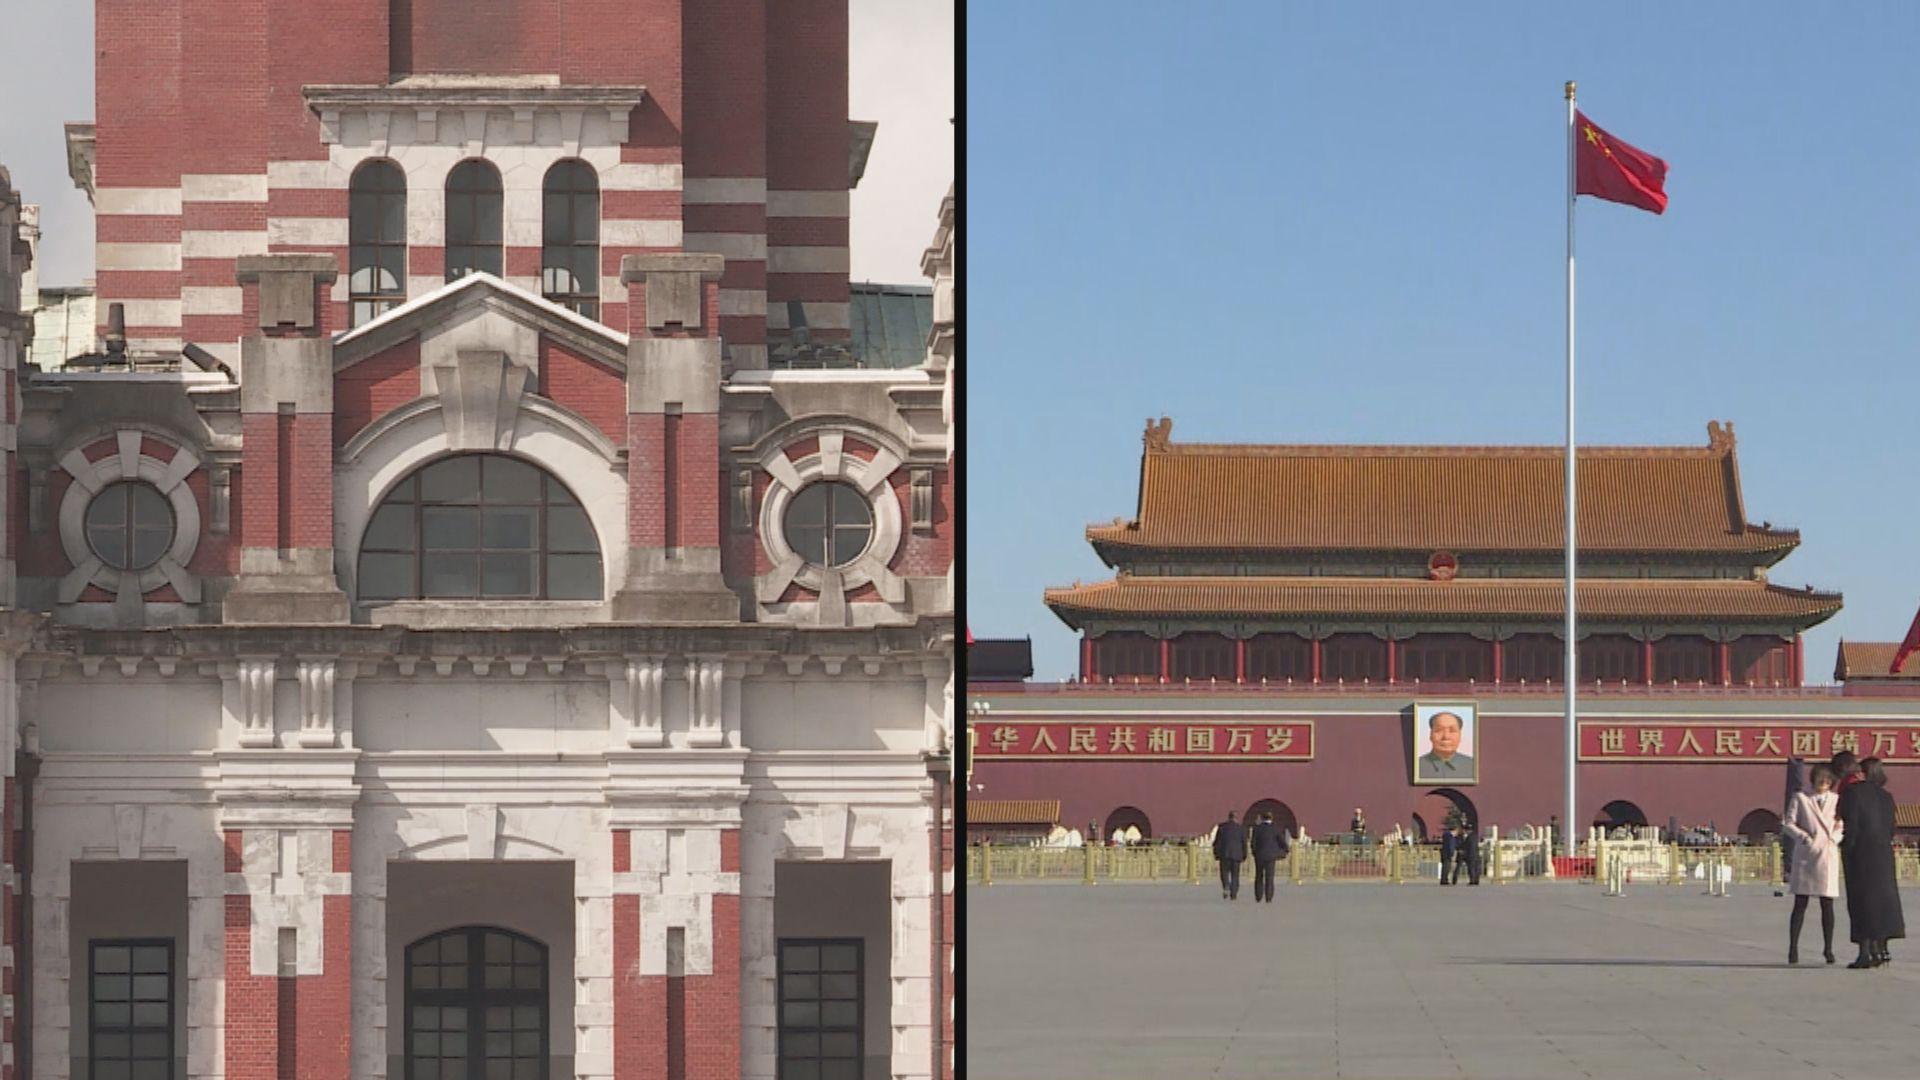 北京回應台灣選舉結果 重申一個中國原則